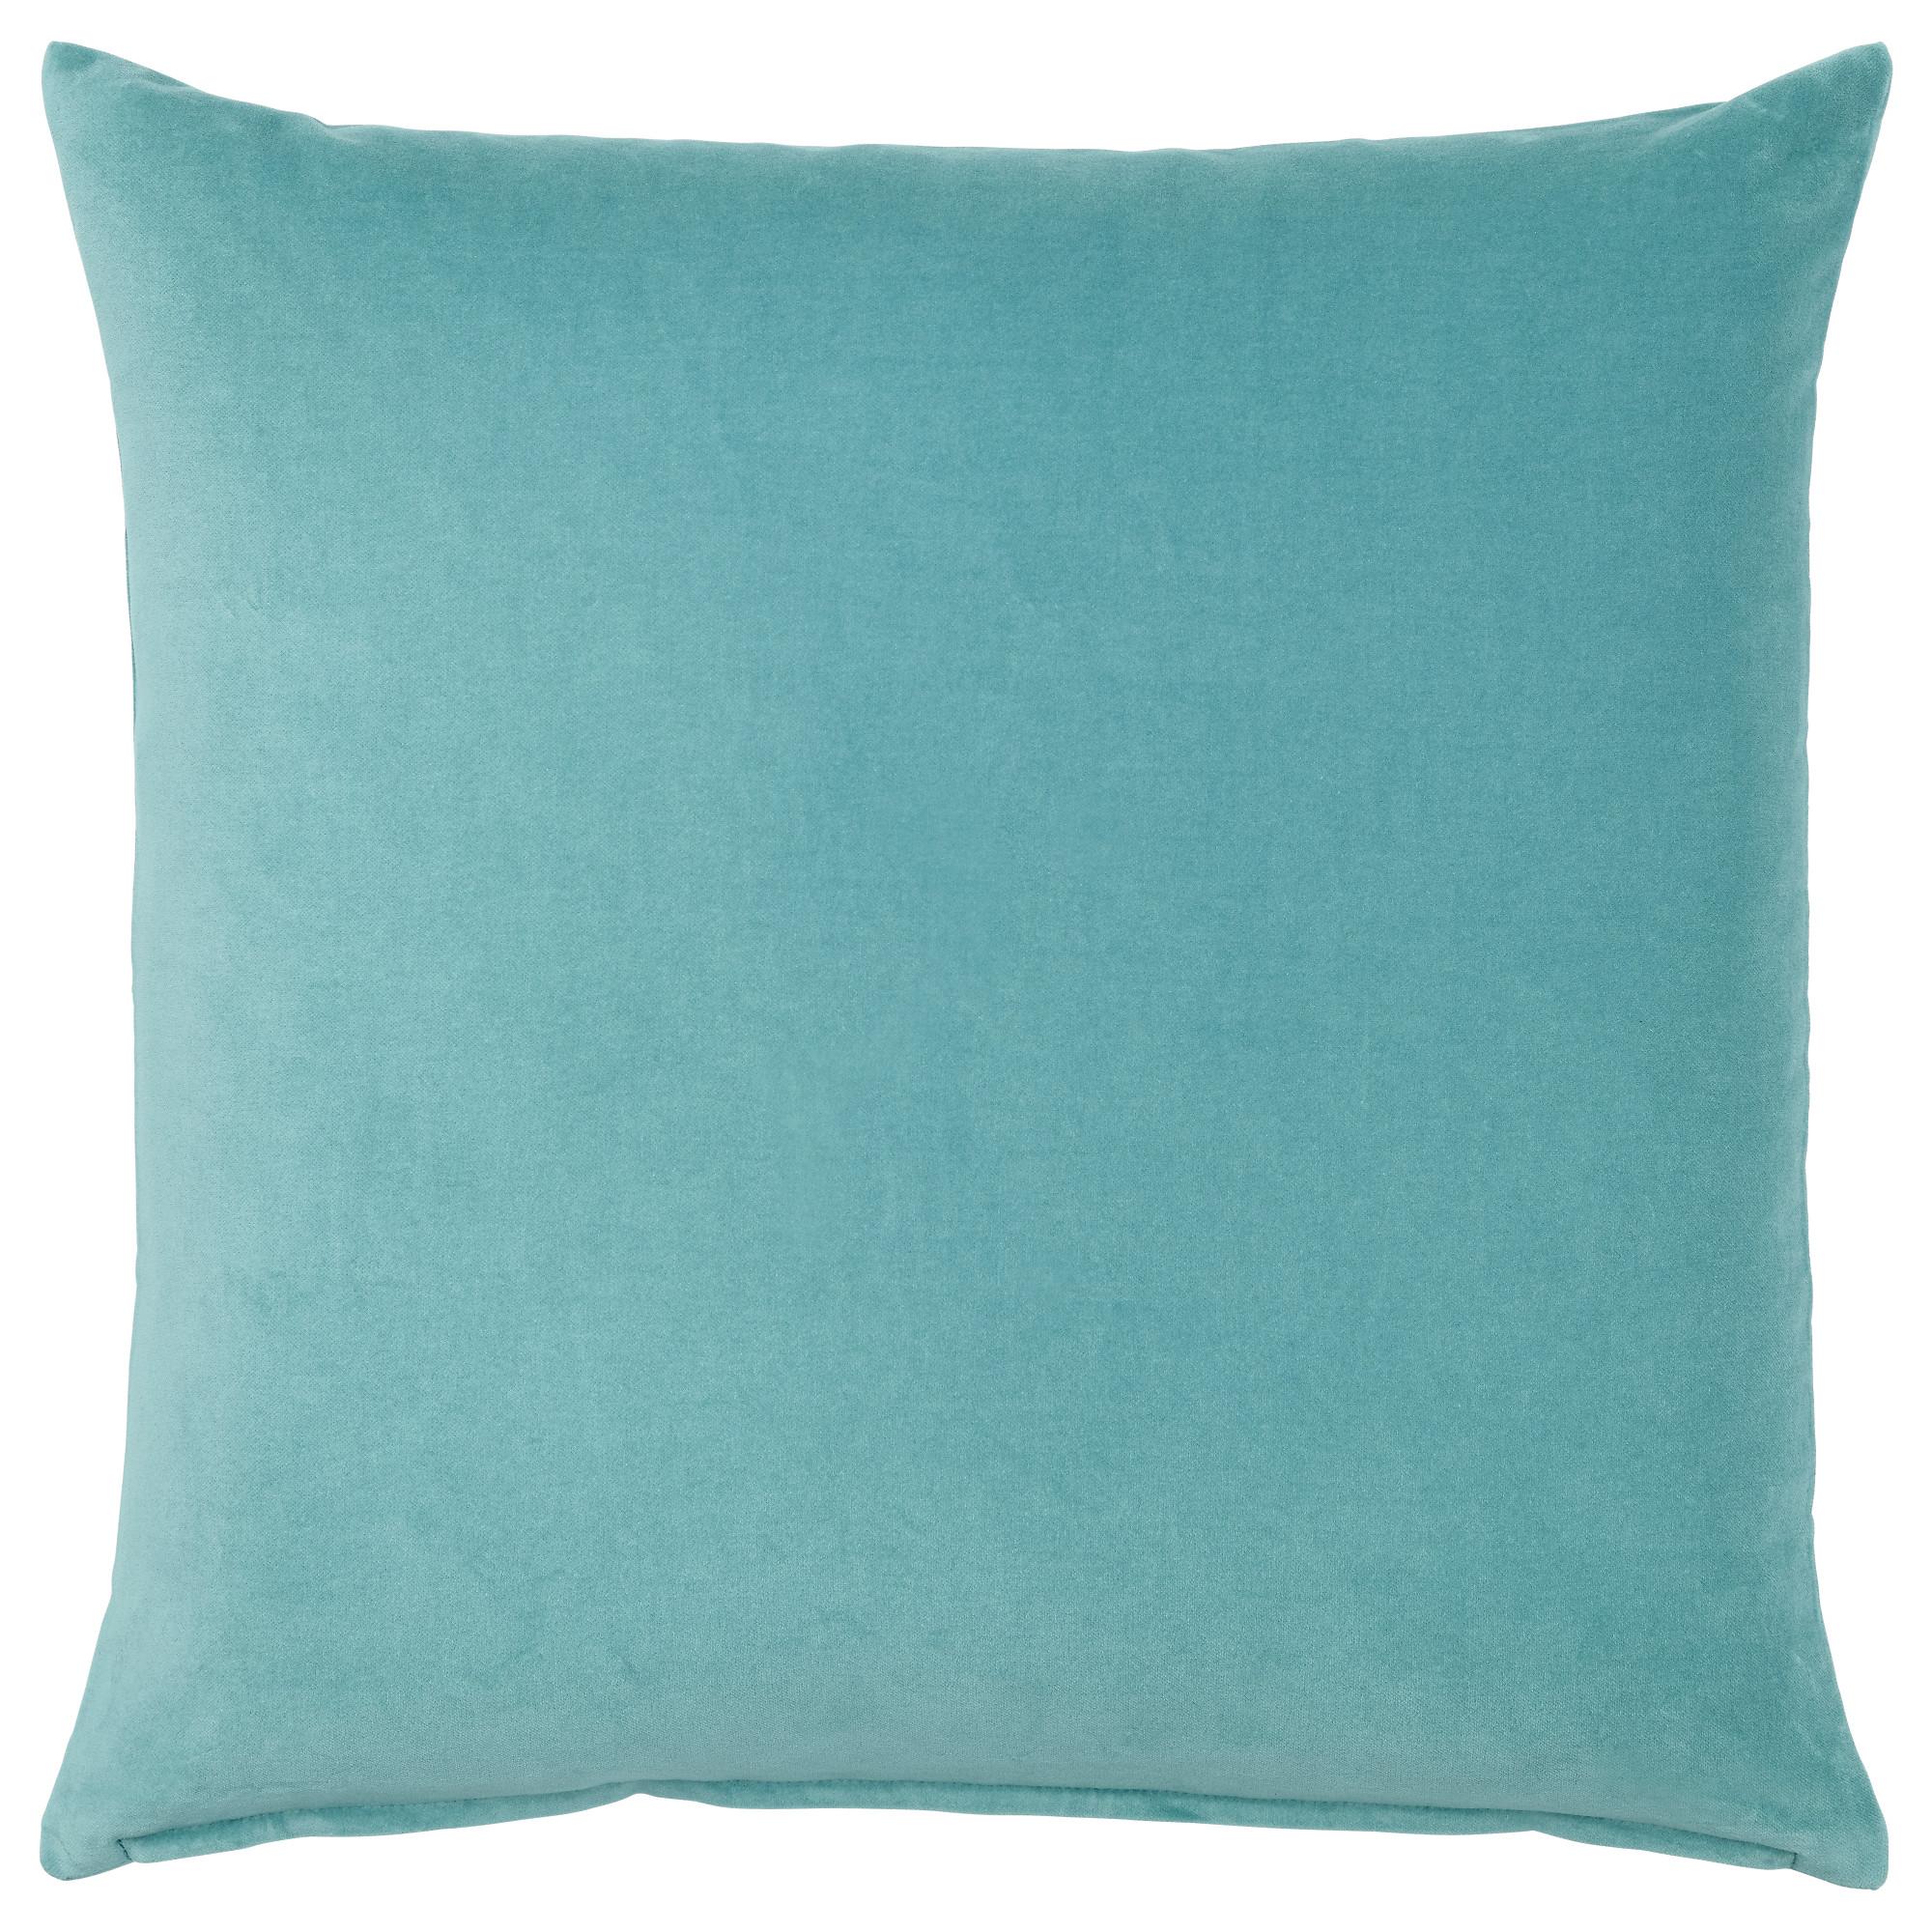 Чехол на подушку САНЕЛА светлая бирюза артикуль № 103.929.55 в наличии. Интернет магазин IKEA Минск. Недорогая доставка и монтаж.